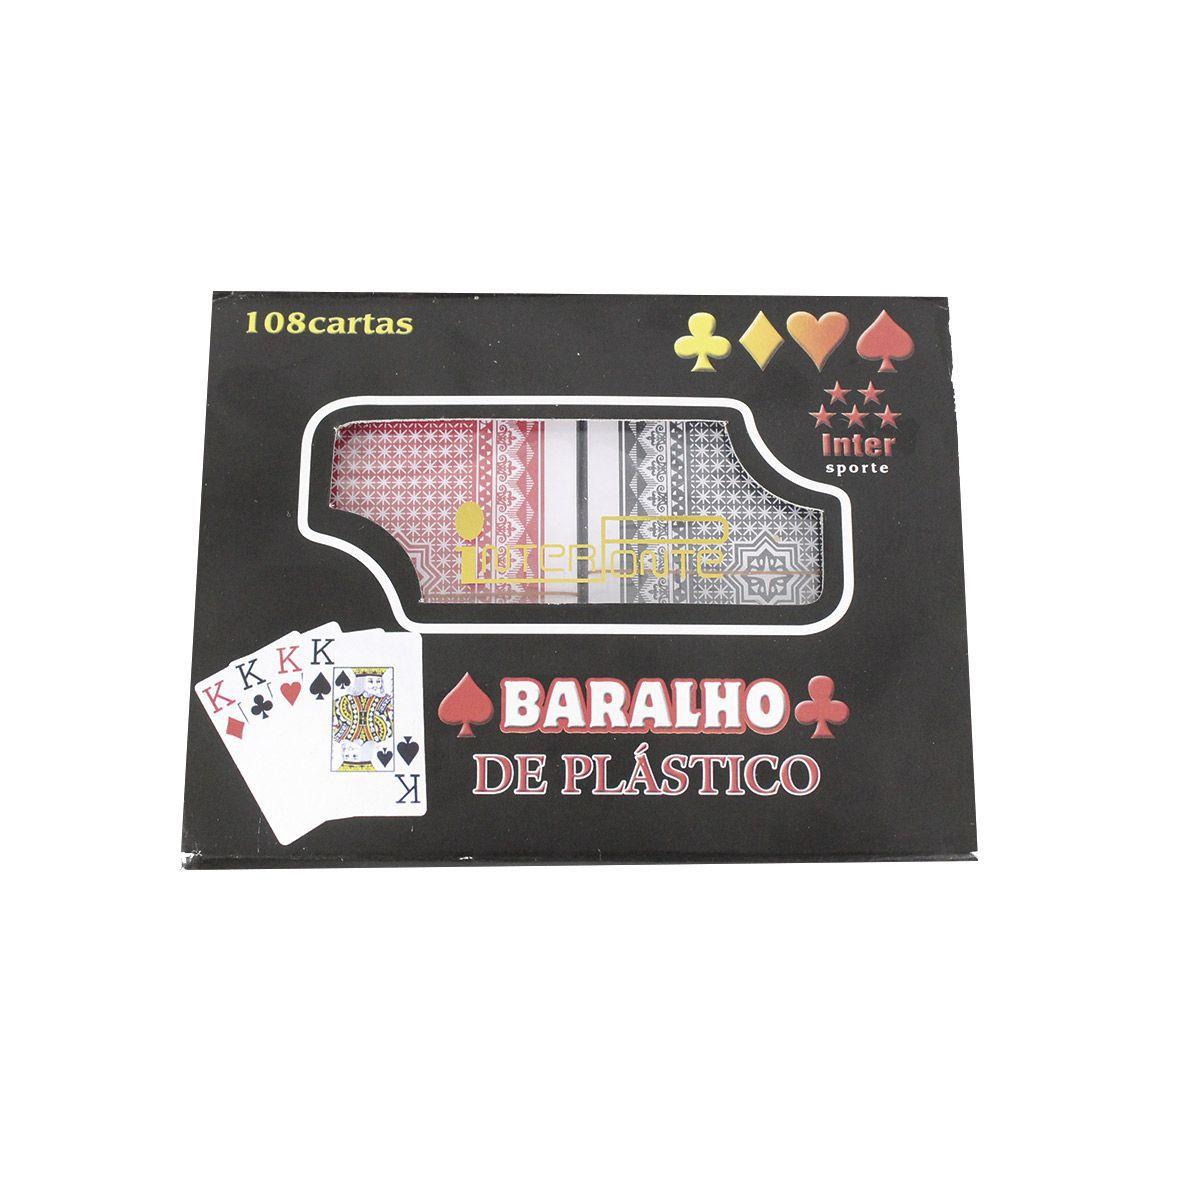 Kit com 2 Baralhos de plastico Preto e Vermelho Total 108 cartas